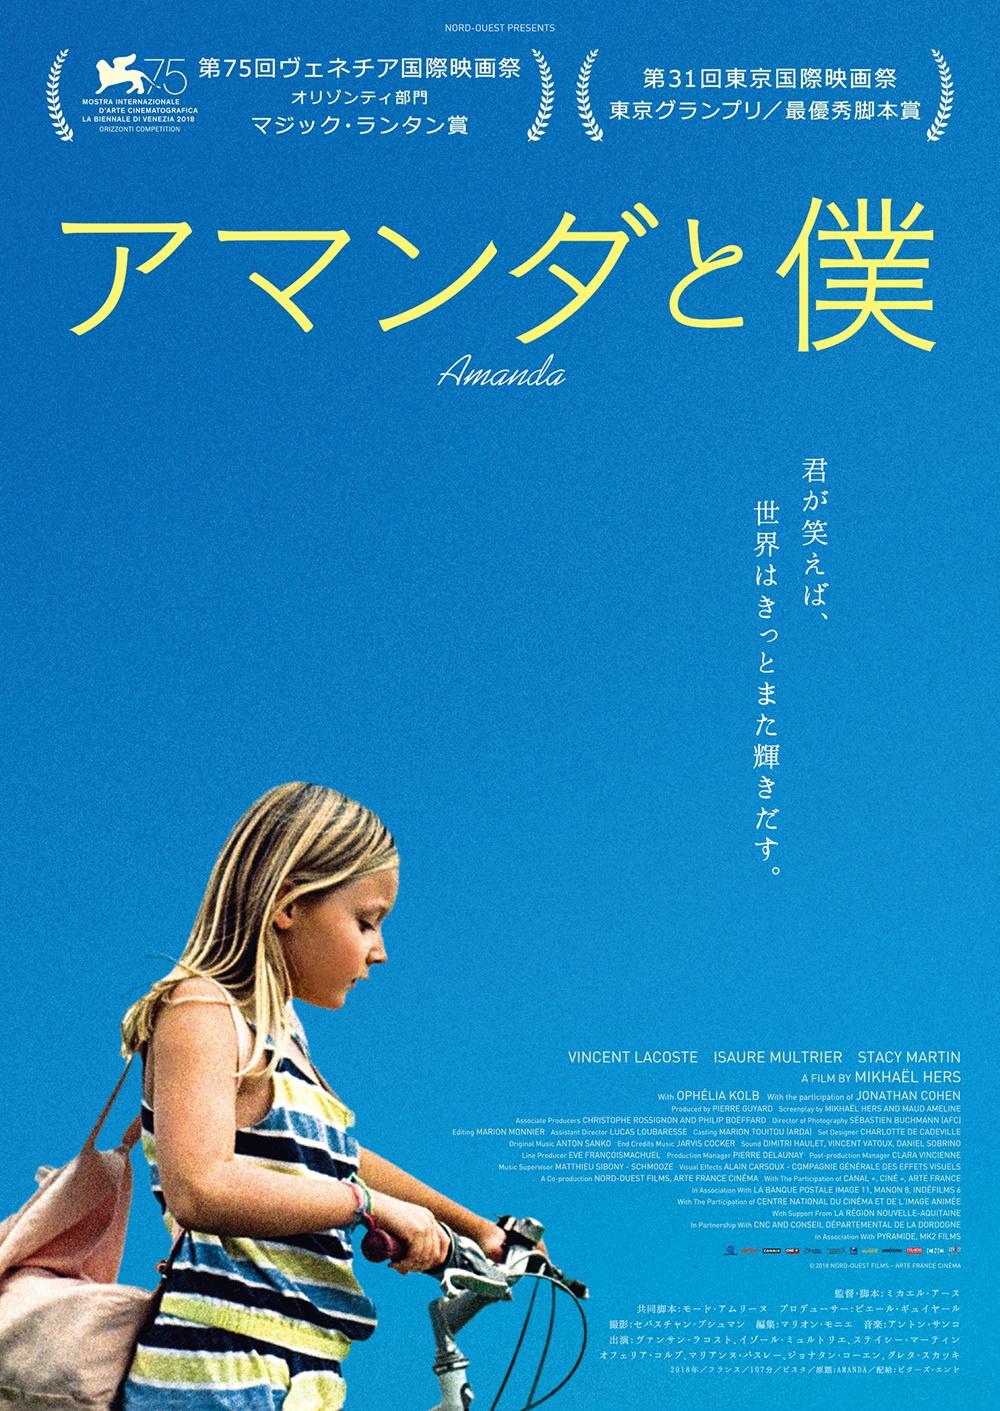 【画像】映画『アマンダと僕』(原題:Amanda) ティザービジュアル